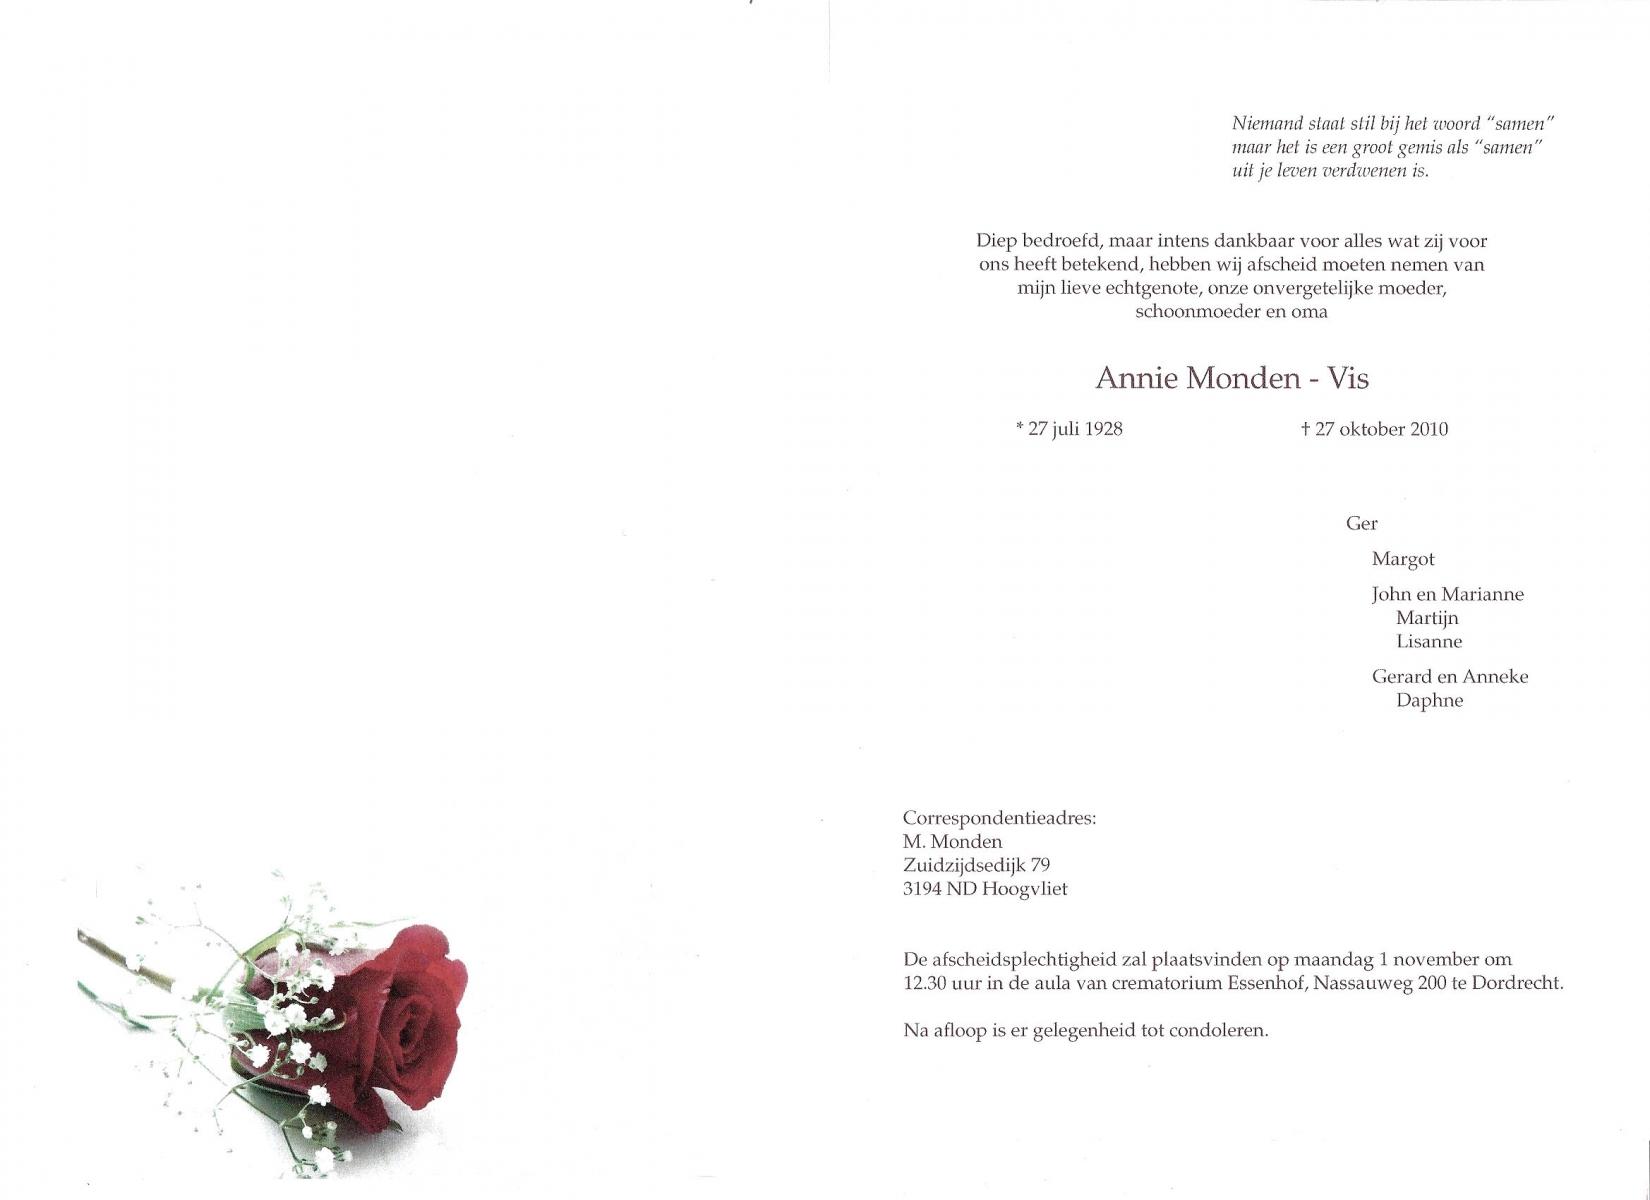 Monden-Vis-Annie-Rouwkaart-27-10-2010